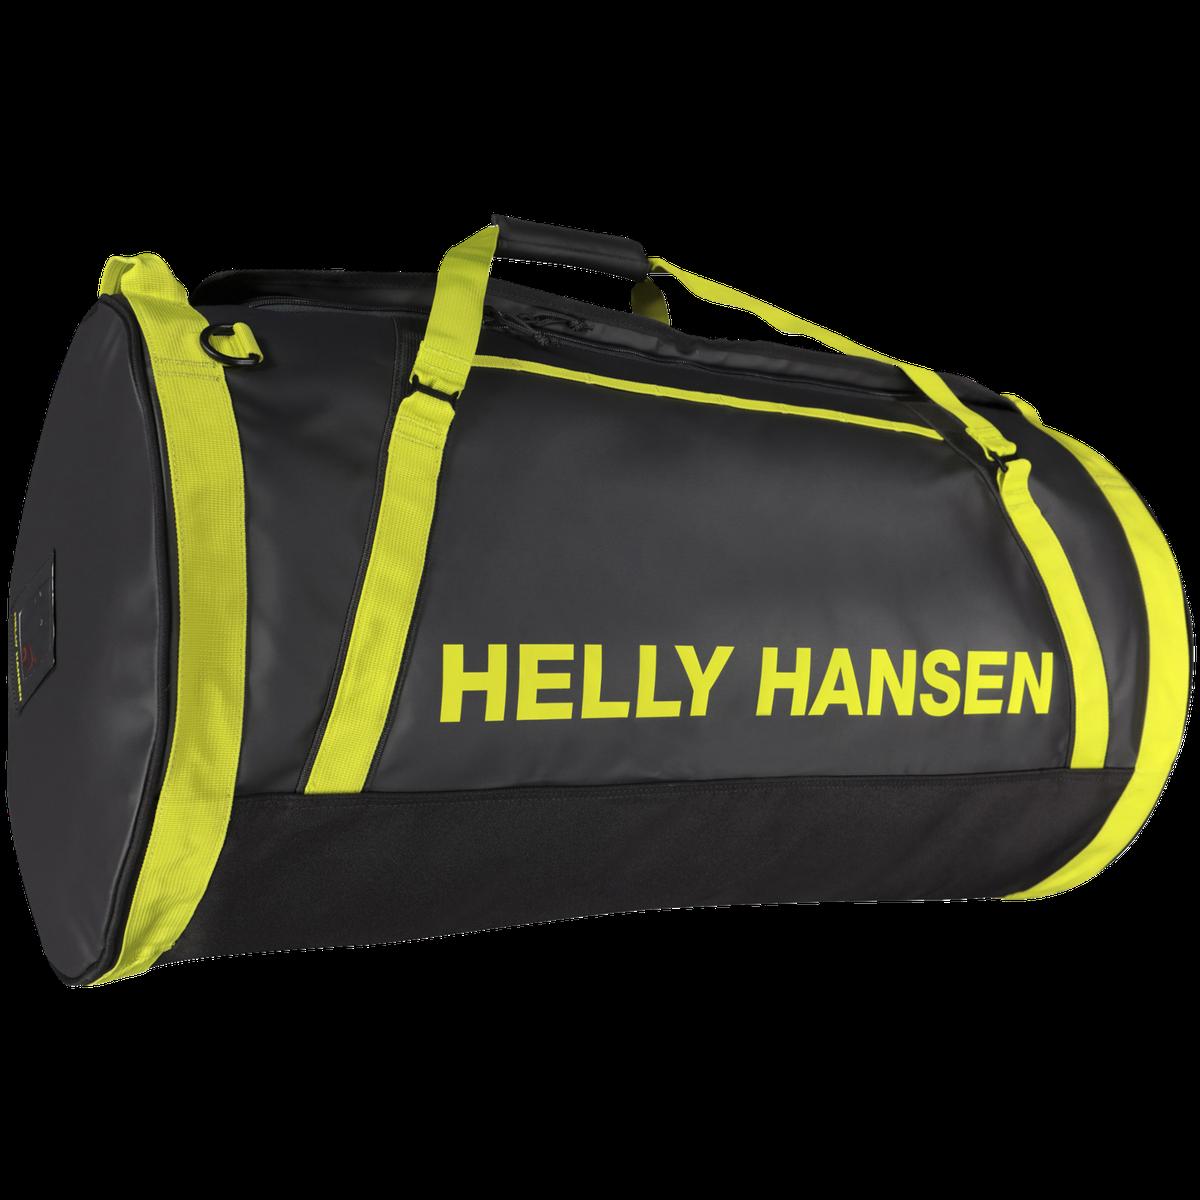 fdcf7d8e Helly Hansen Duffel Bag 2 90L, bag - Bag   XXL